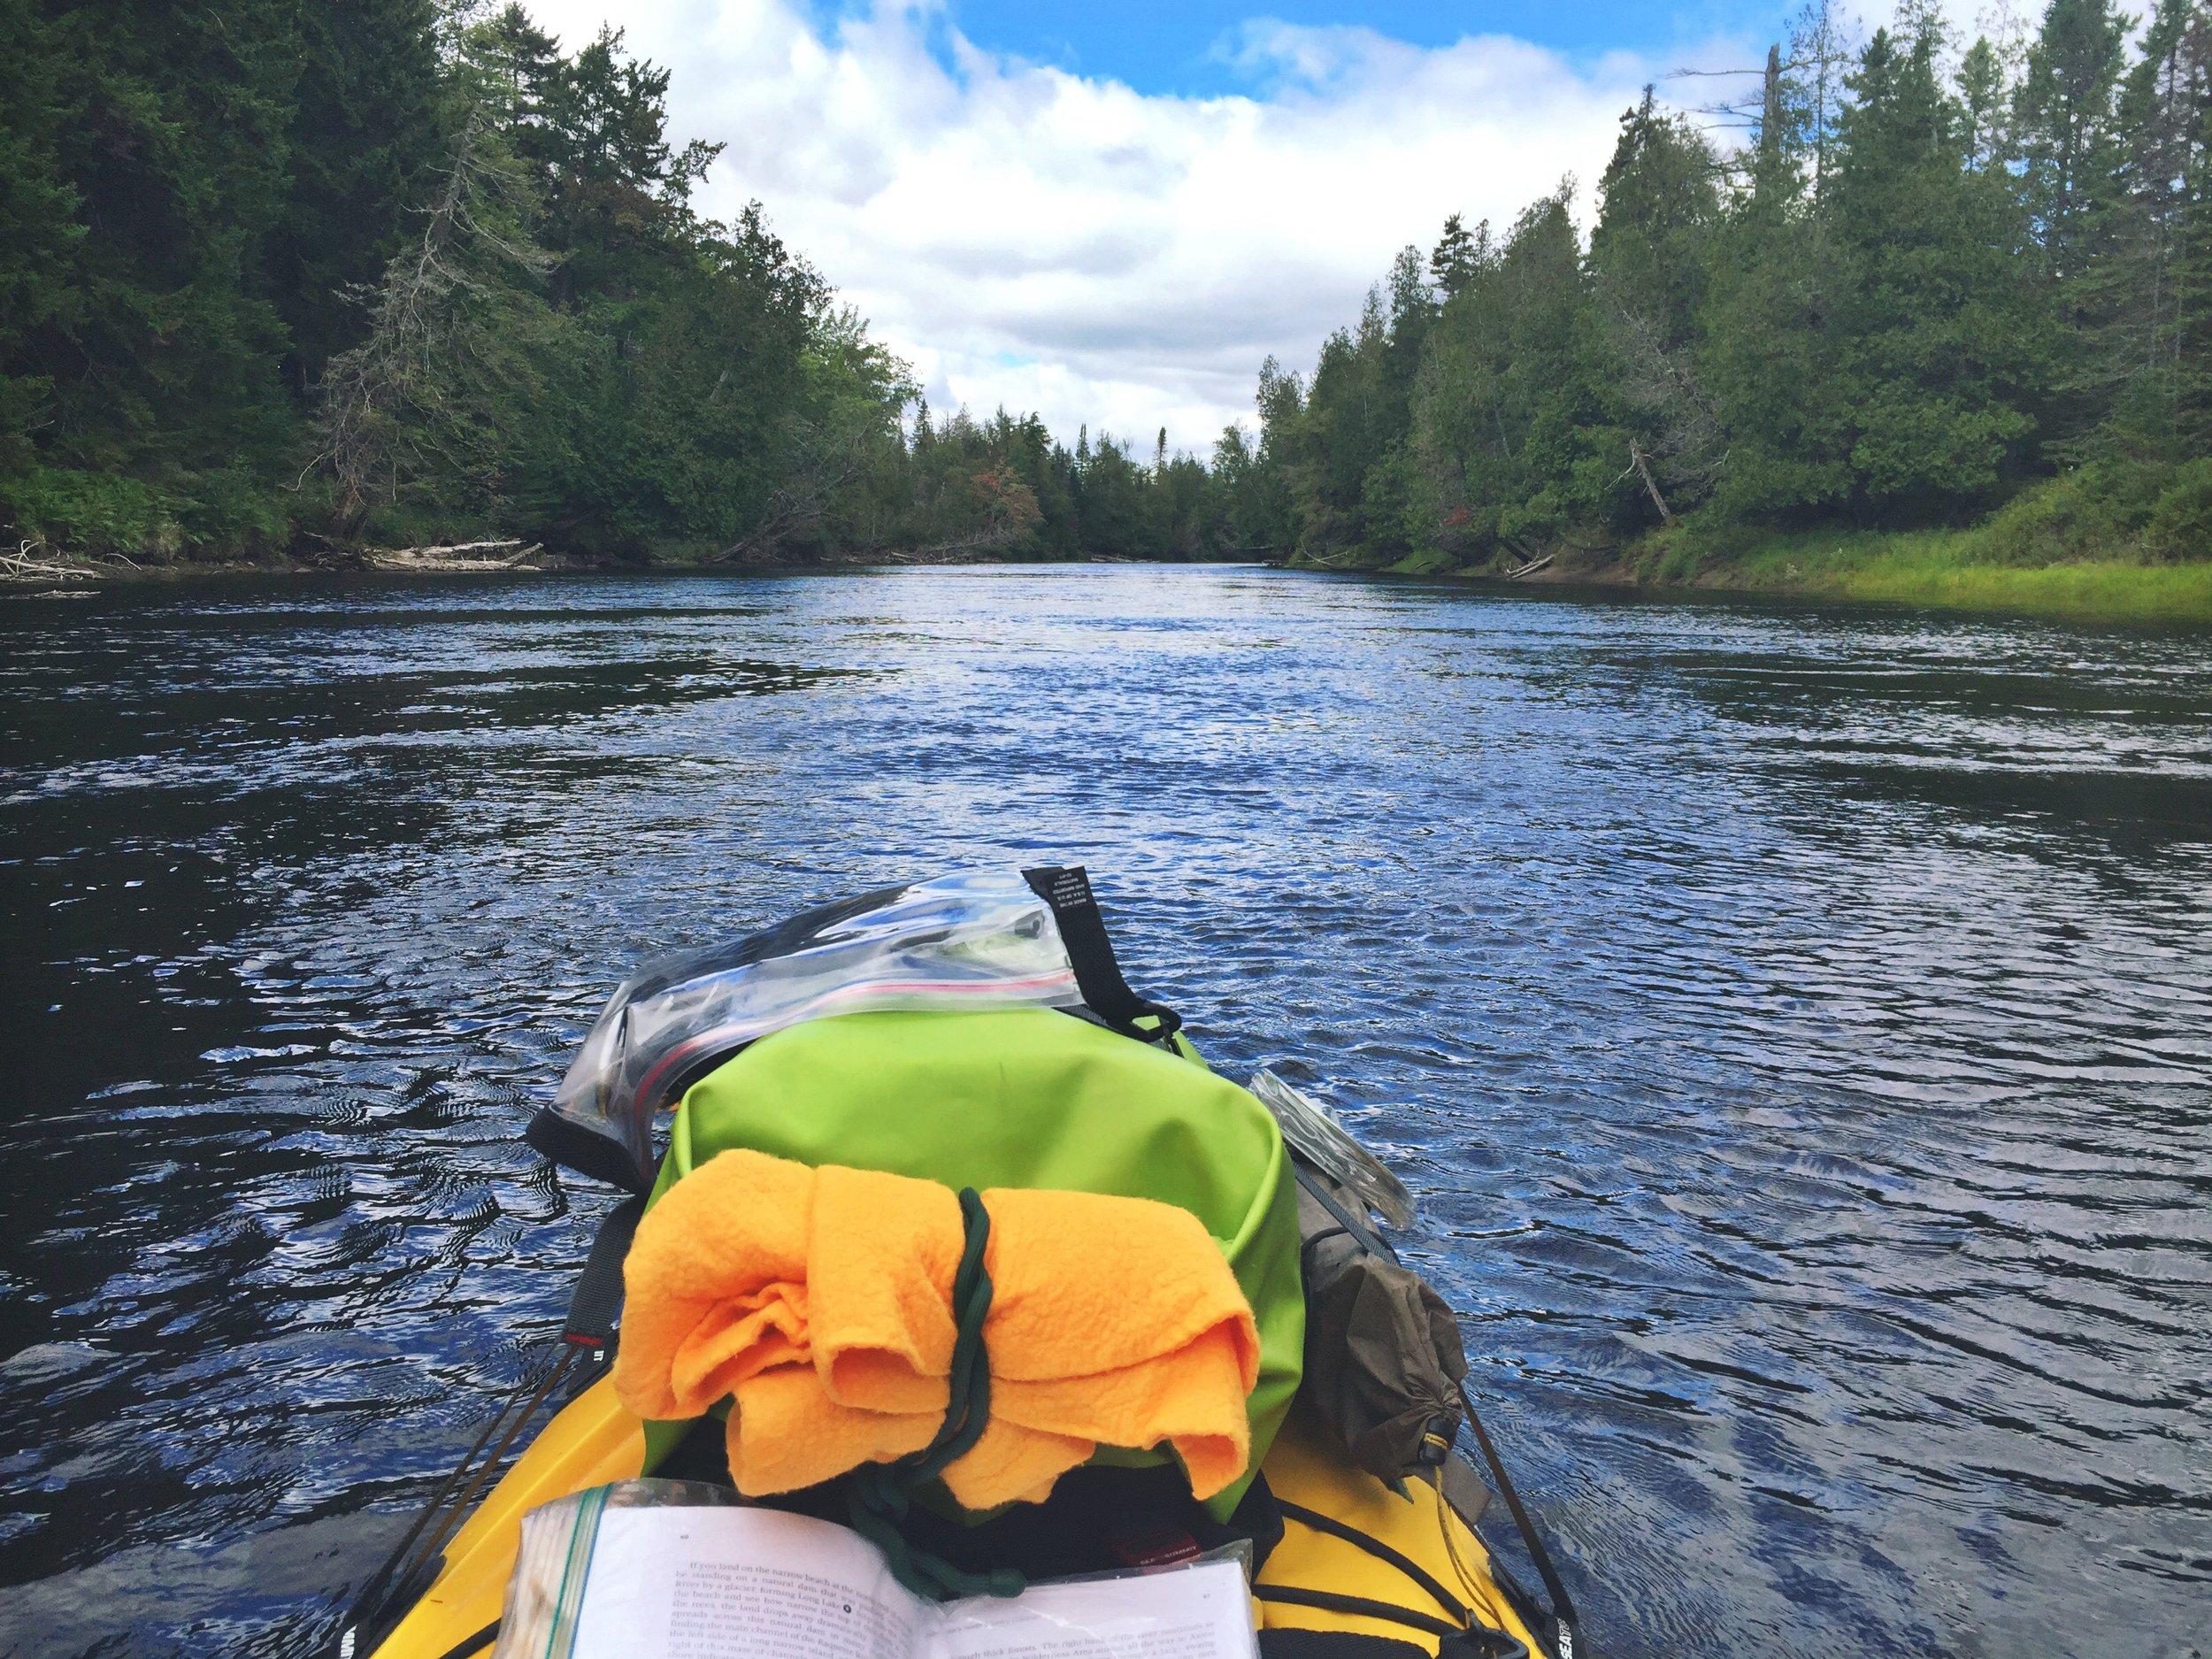 Headed down the Raquette River